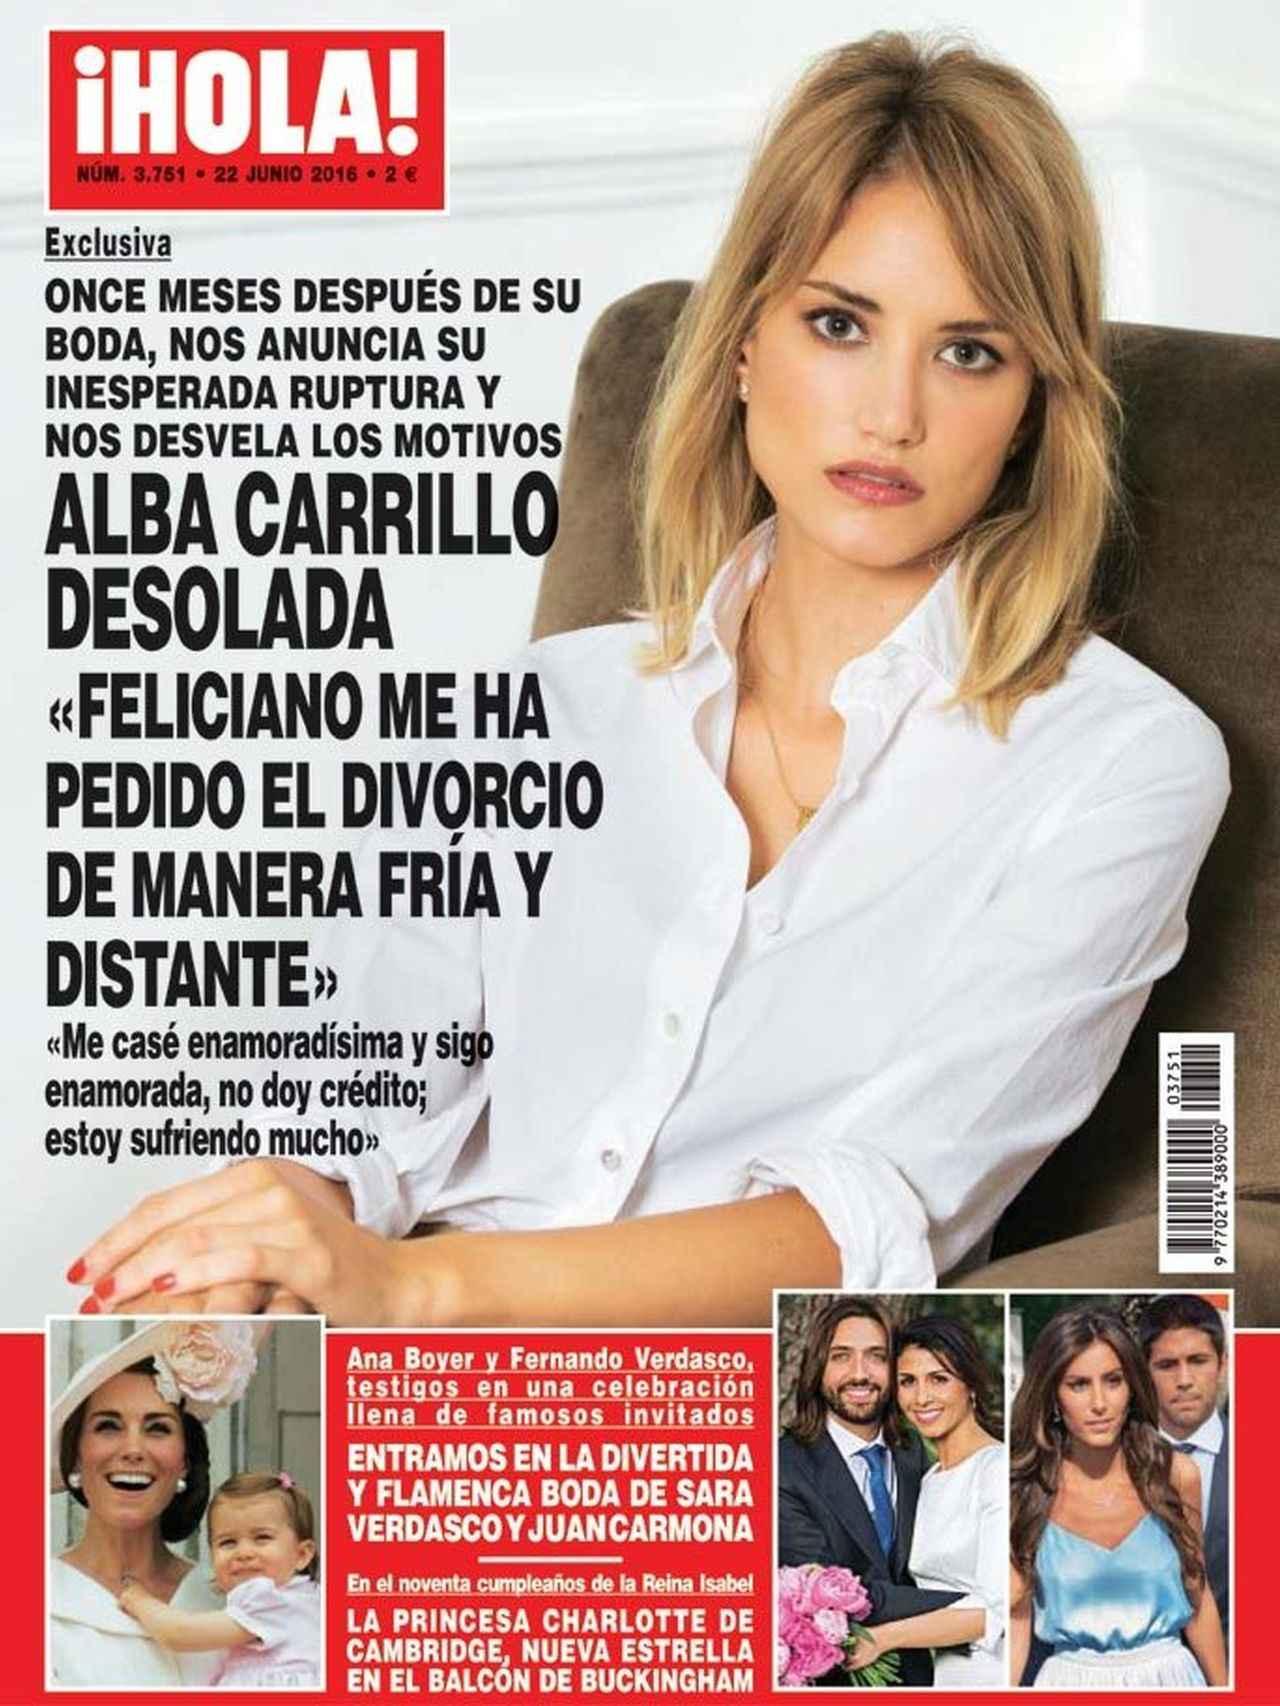 Portada de la revista '¡HOLA!' con la exclusiva de la ruptura de Alba carrillo y Feliciano López